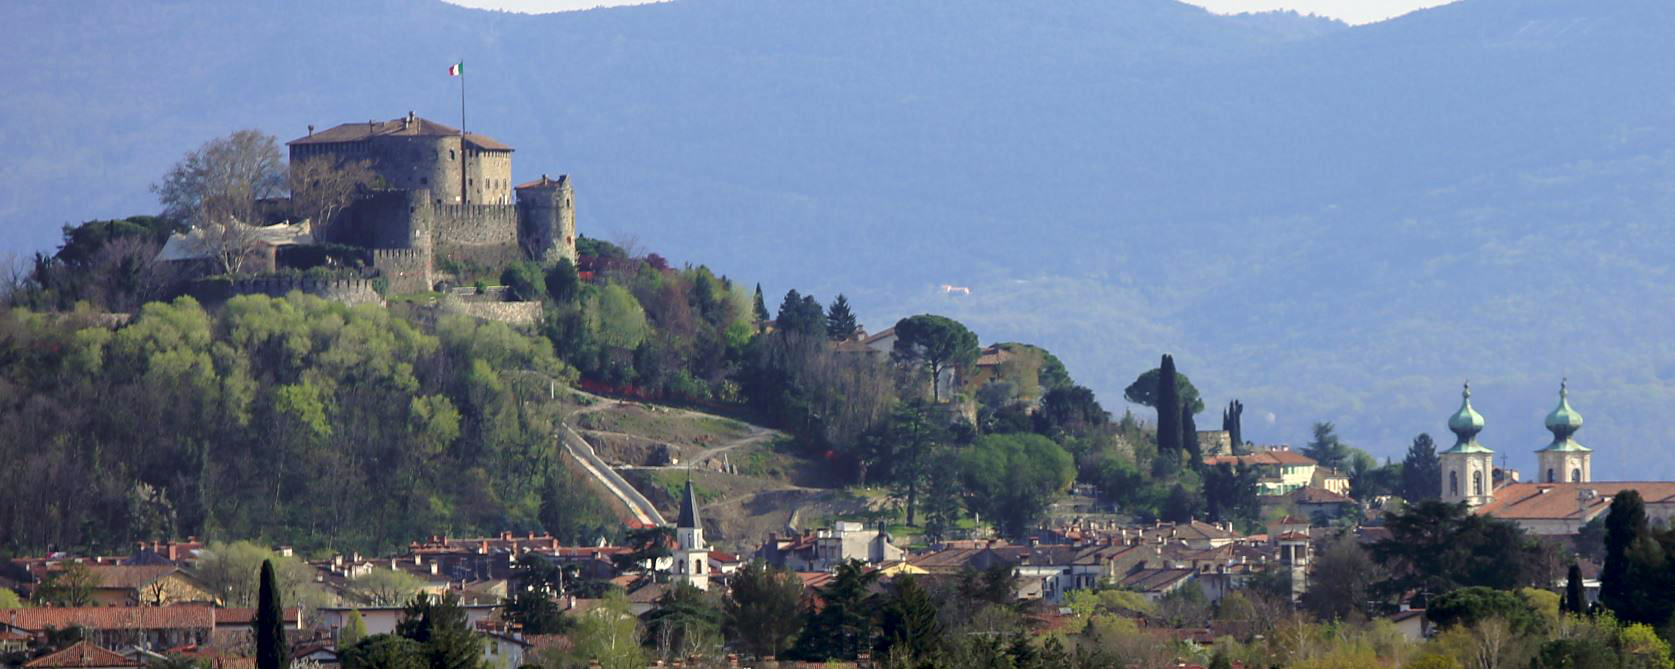 Immagine per Gorizia festeggia il suo Natale: 1020 anni di storia tra patriarchi, imperi e conti